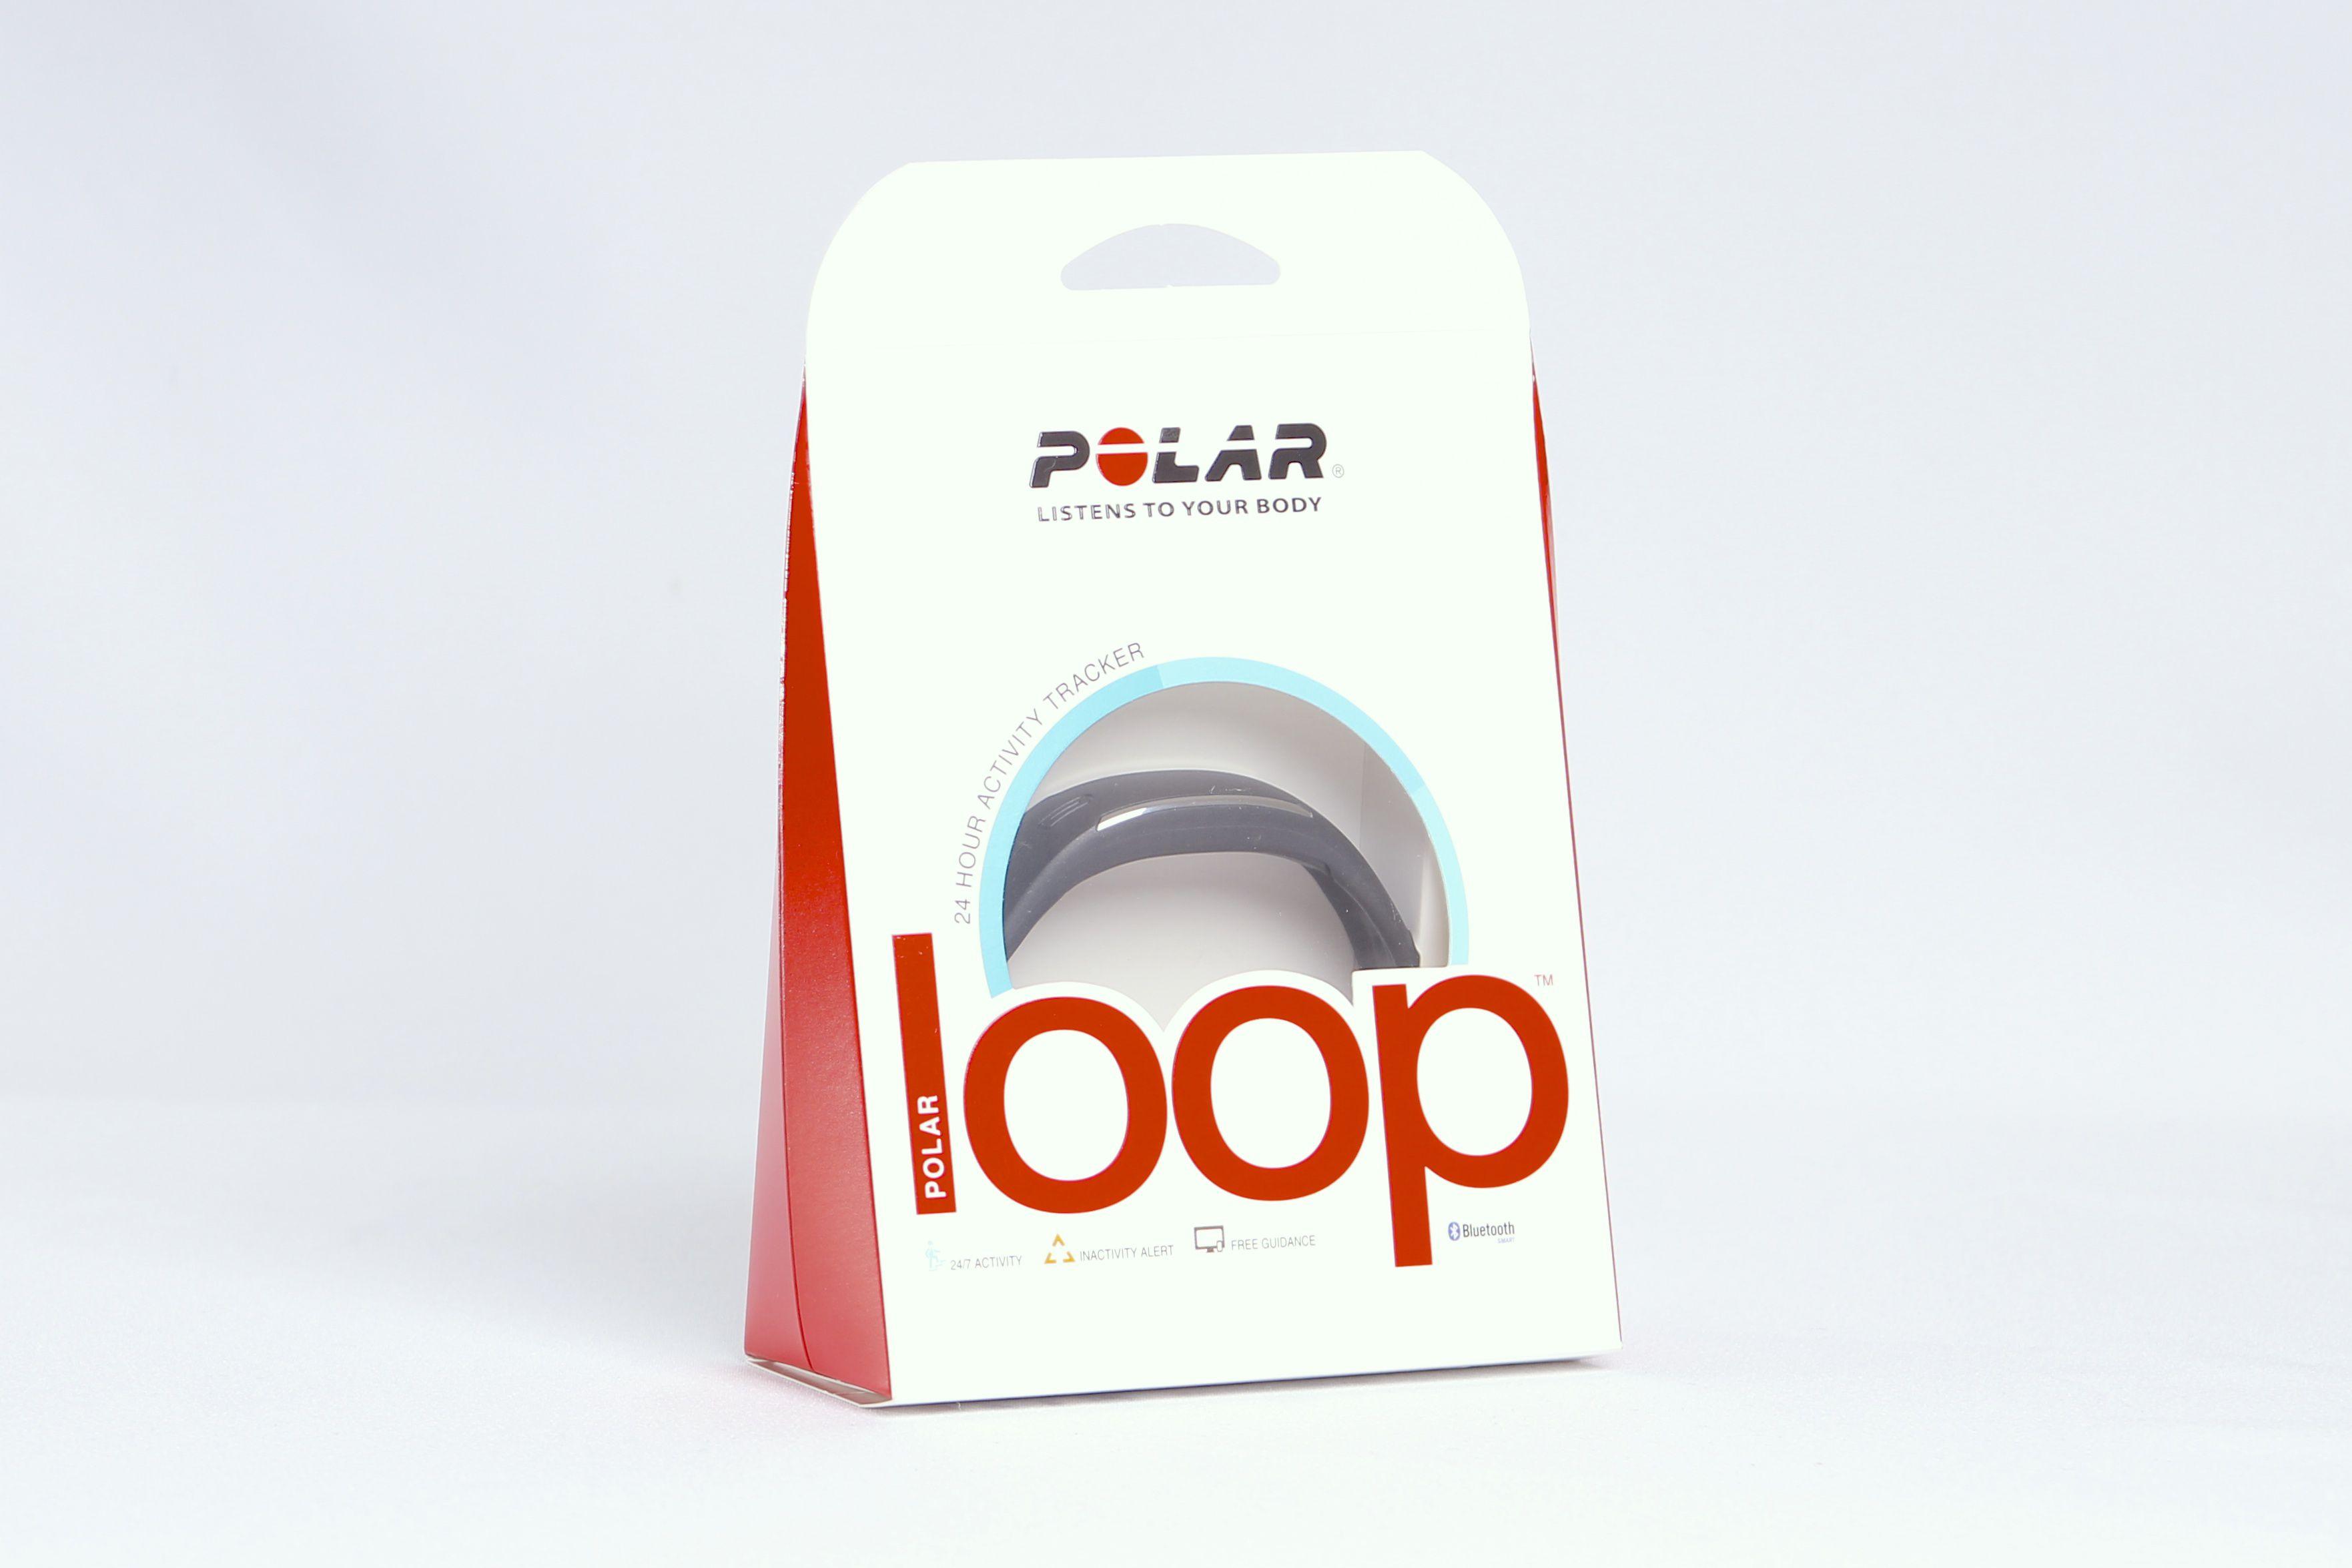 Le bracelet connecté Polar Loop dans son emballage